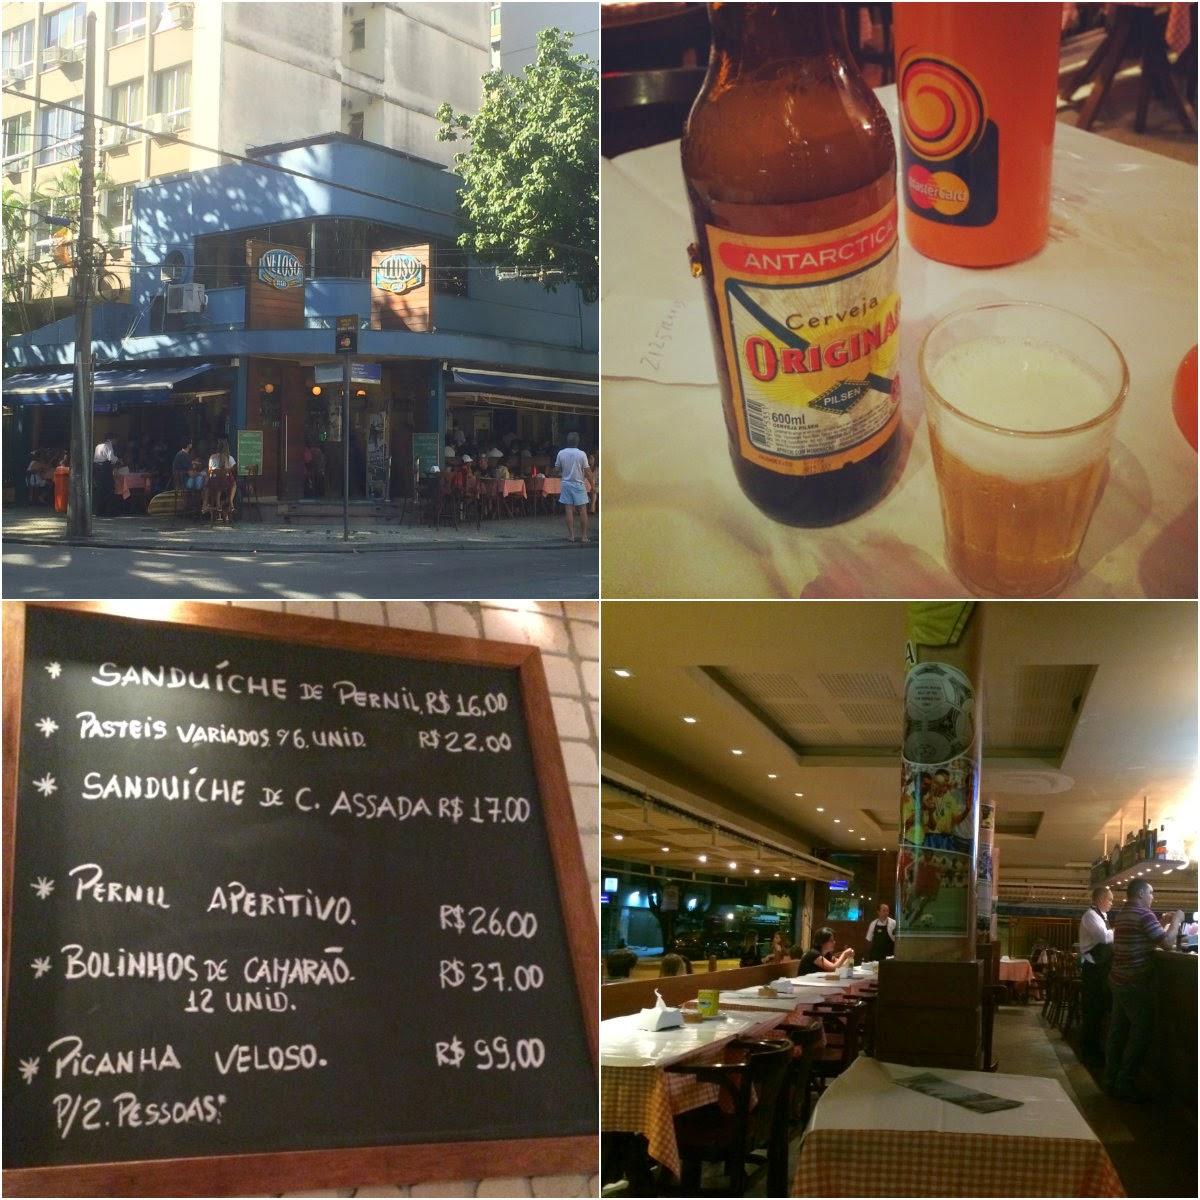 Rio de Janeiro, Cidade Maravilhosa, RJ, errejota, Leblon, Veloso, boteco